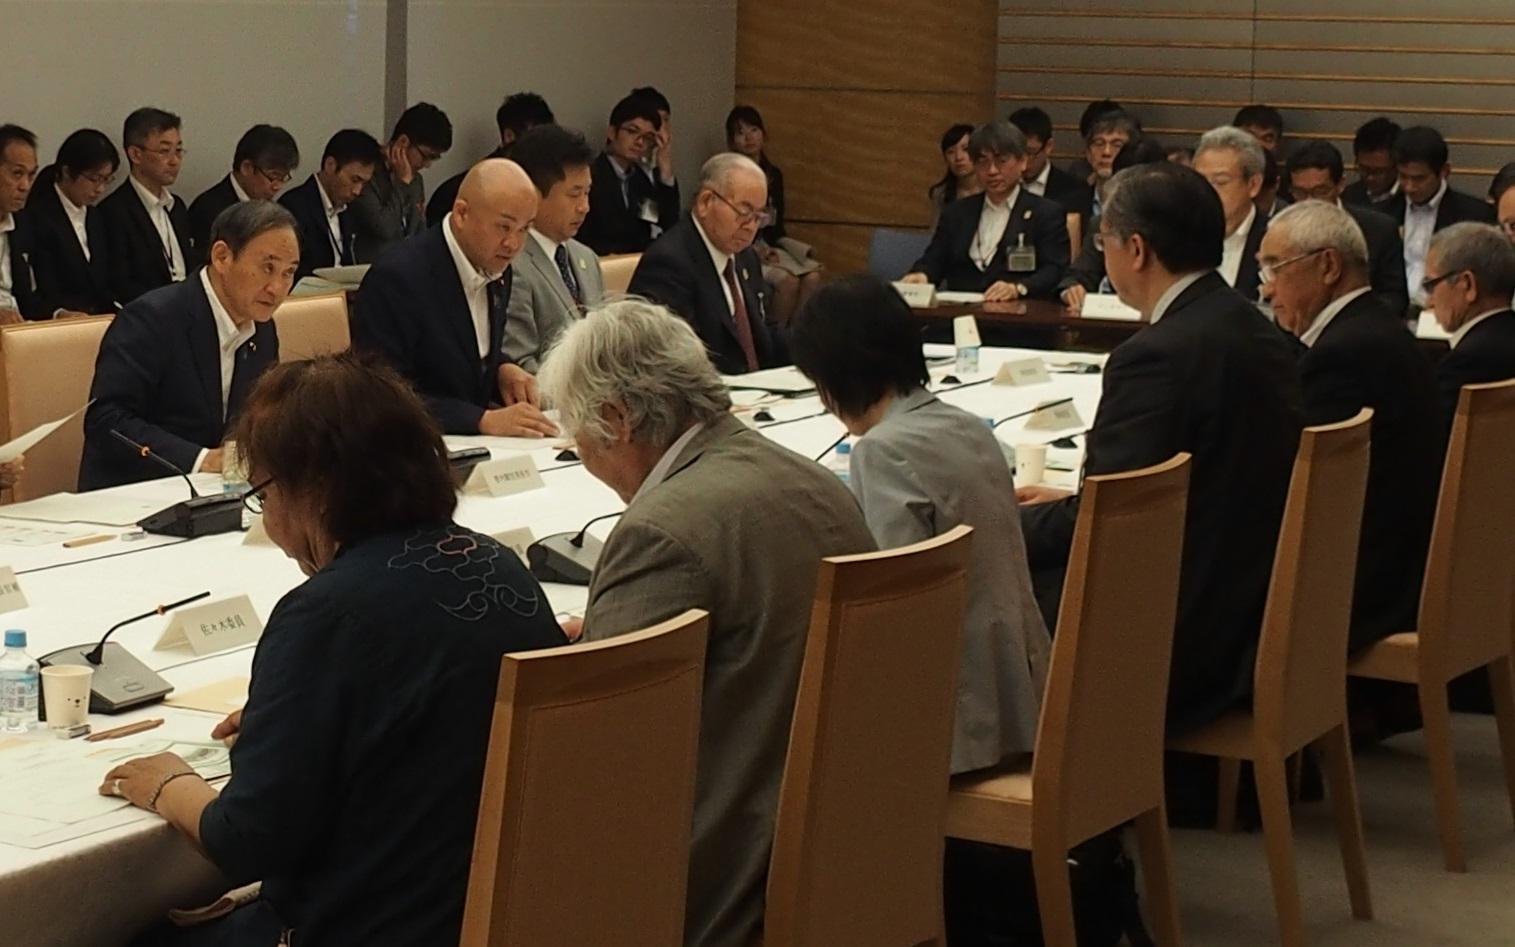 https://www.ainu-assn.or.jp/president/files/P5143585%20-%202.JPG